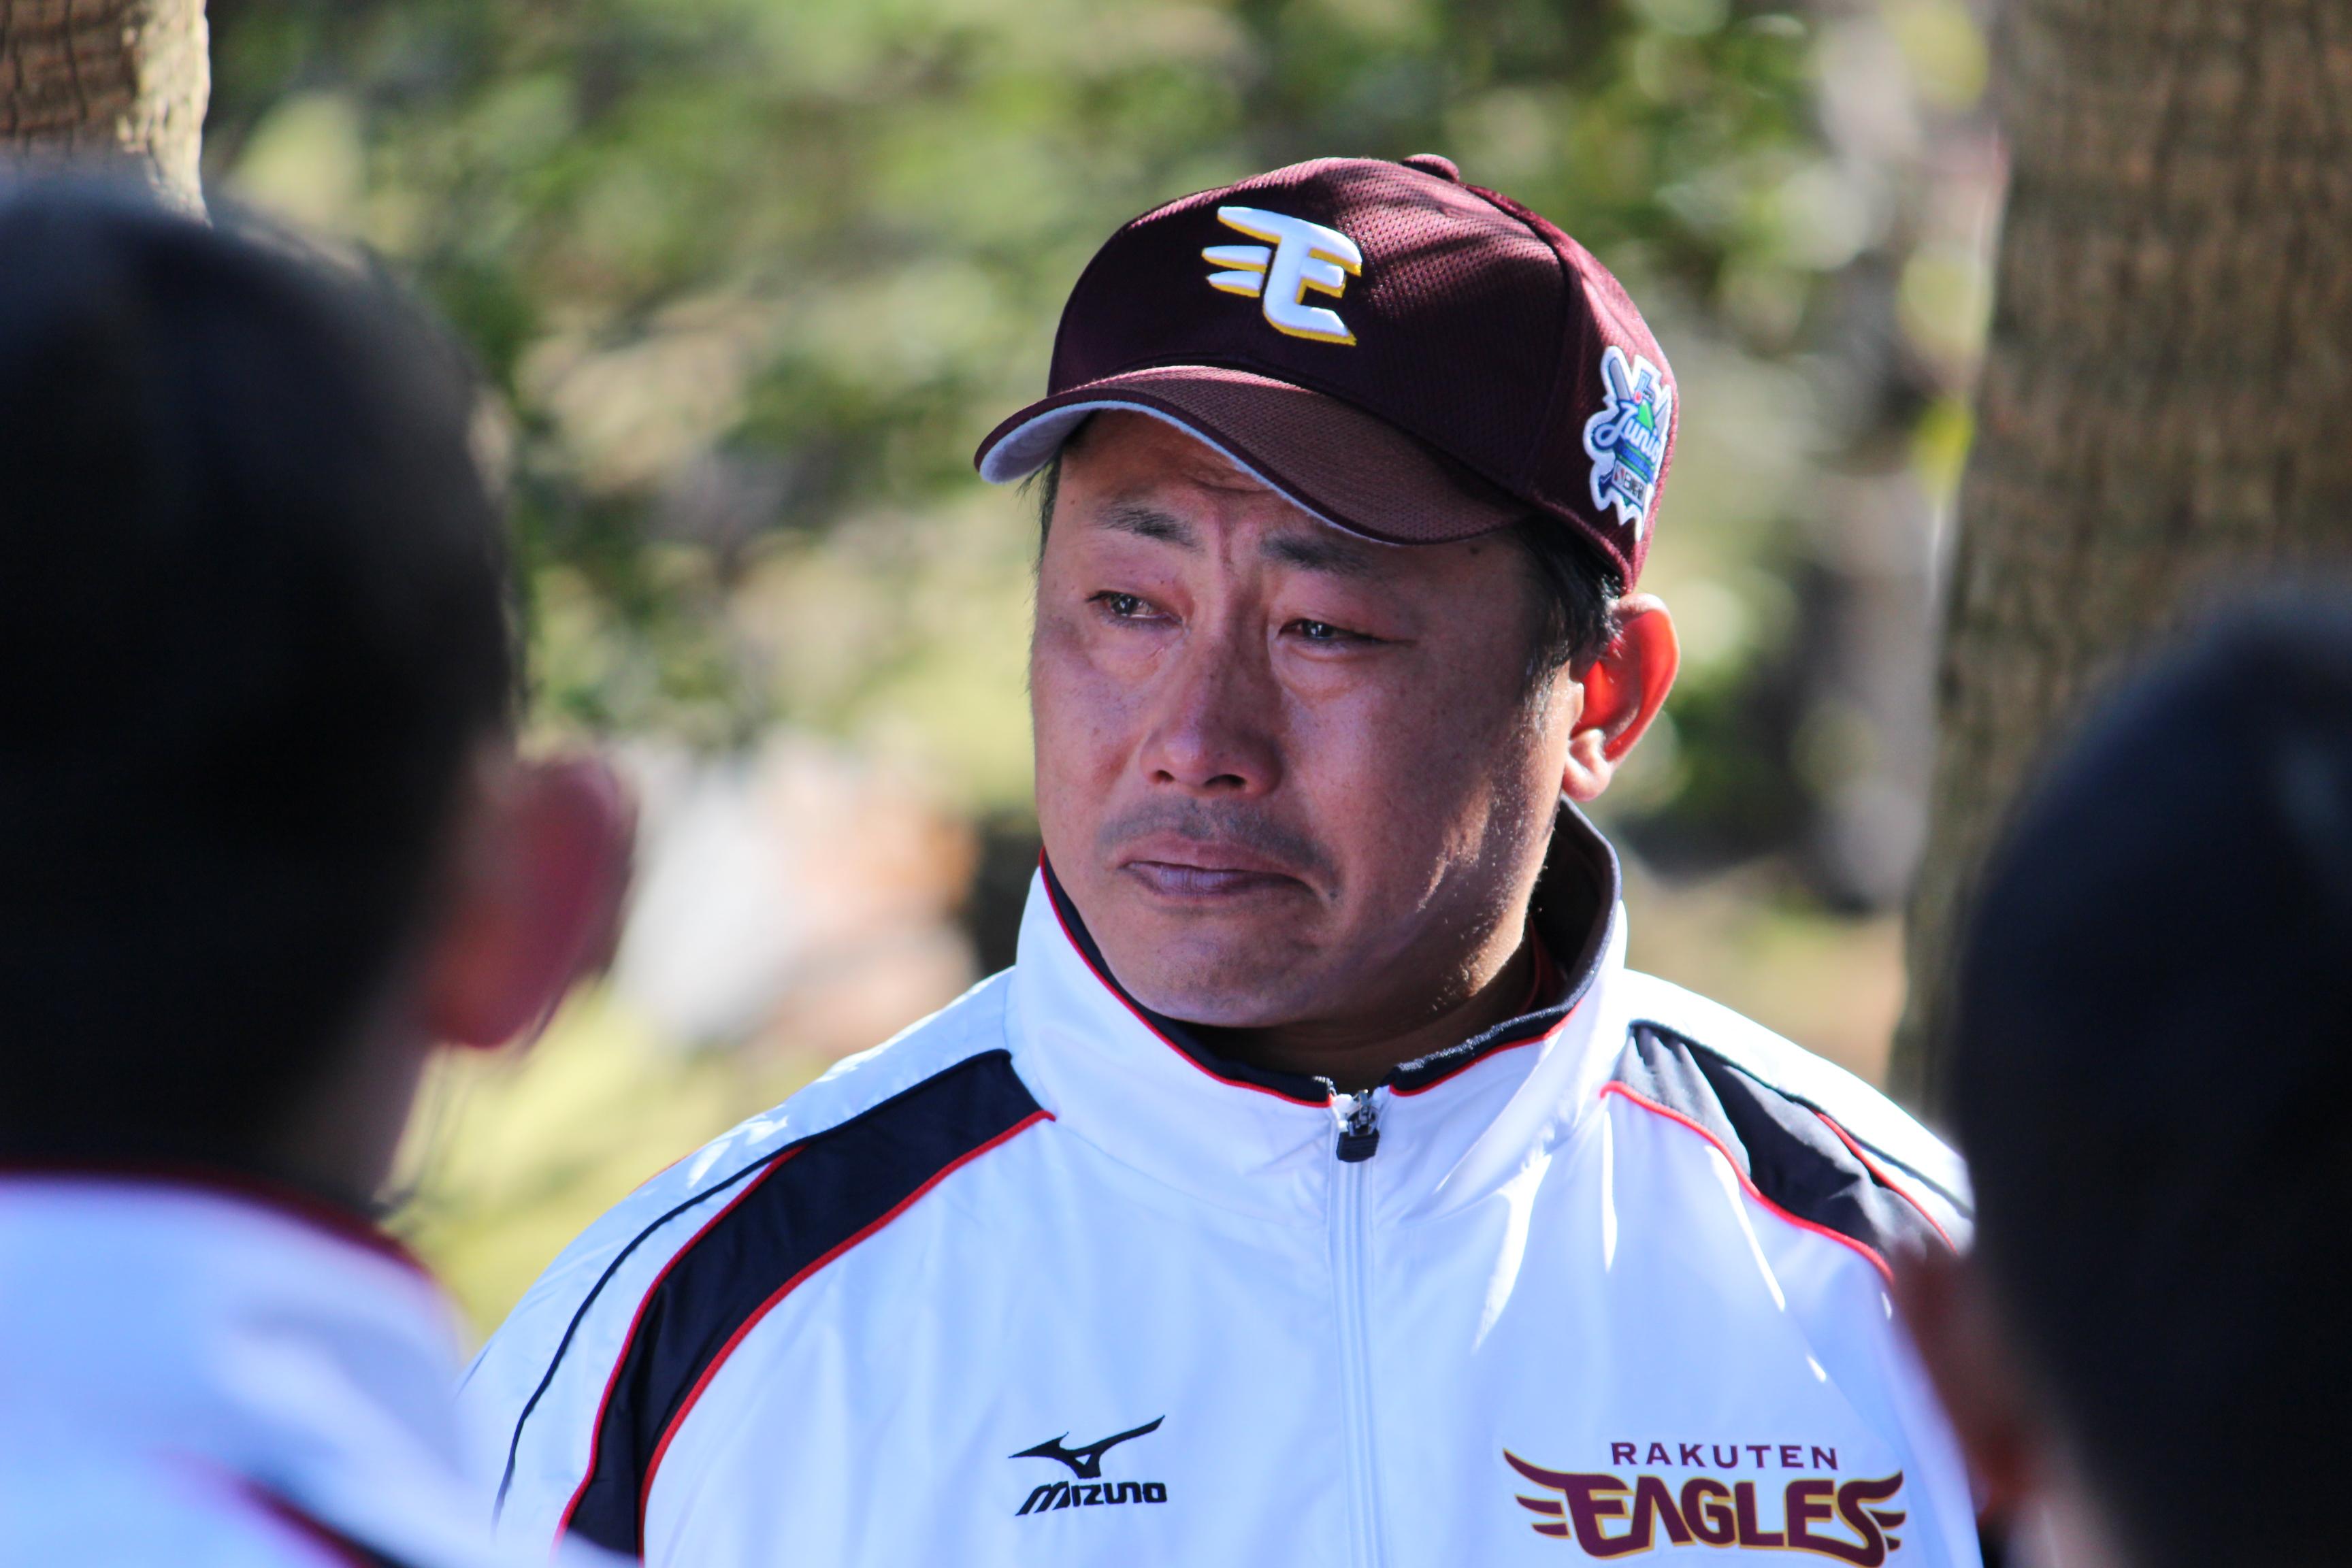 予選リーグ2試合を終え、選手たちの前で涙を流す山崎監督(イーグルスジュニア)